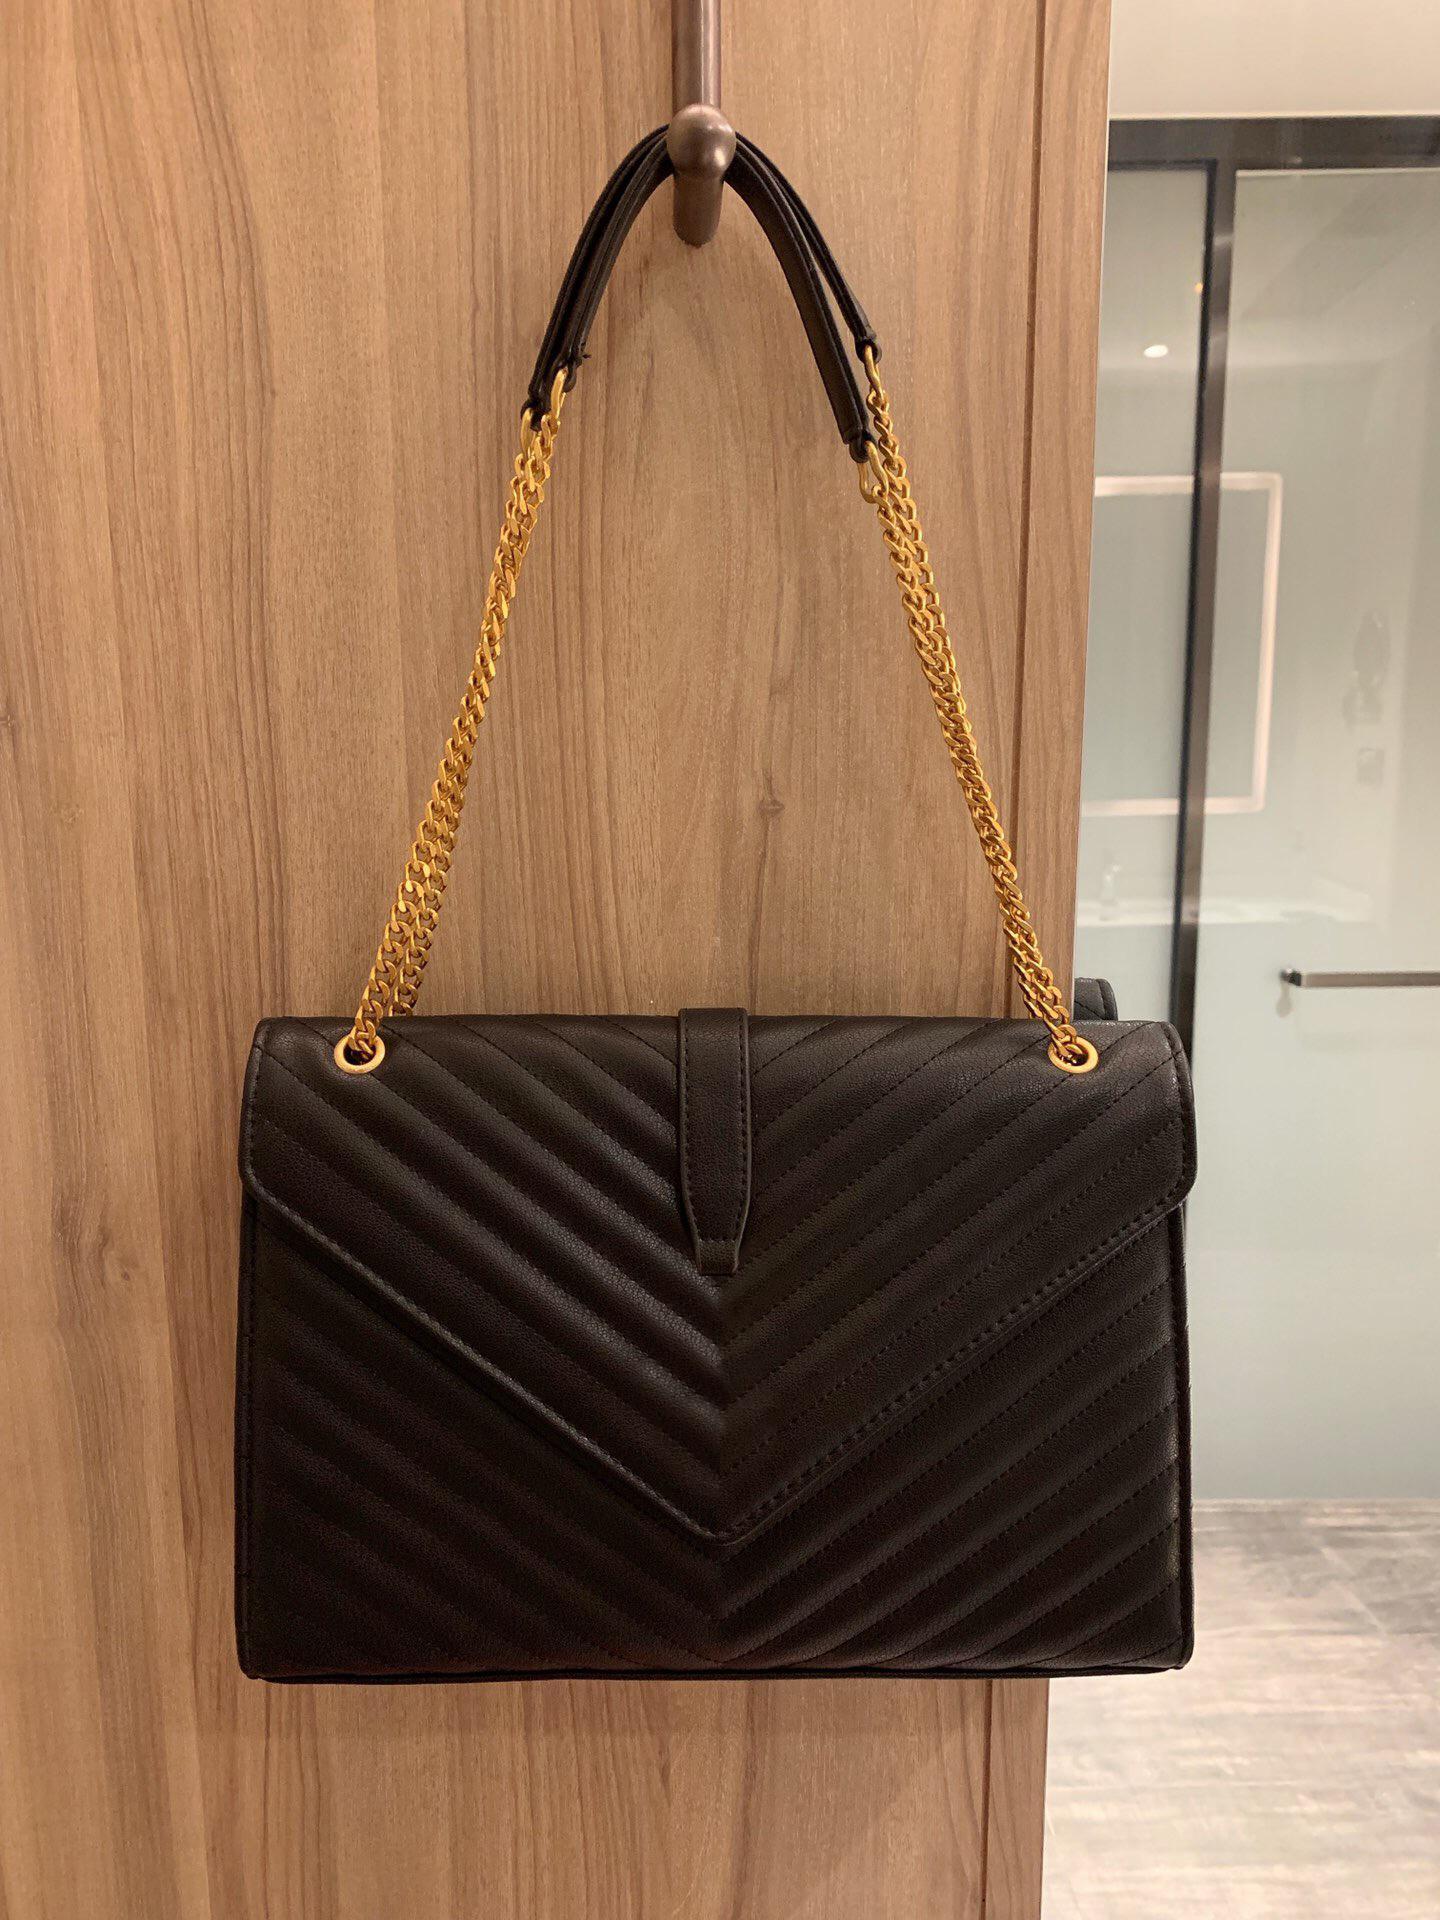 Bolsa de ombro do desenhador de moda luxo 2021 Hot Classic Melhor Qualidade Cadeia de Mão Feminina Bolsa De Couro Bolsa De Mensageiro Bolsa Quilted Bag